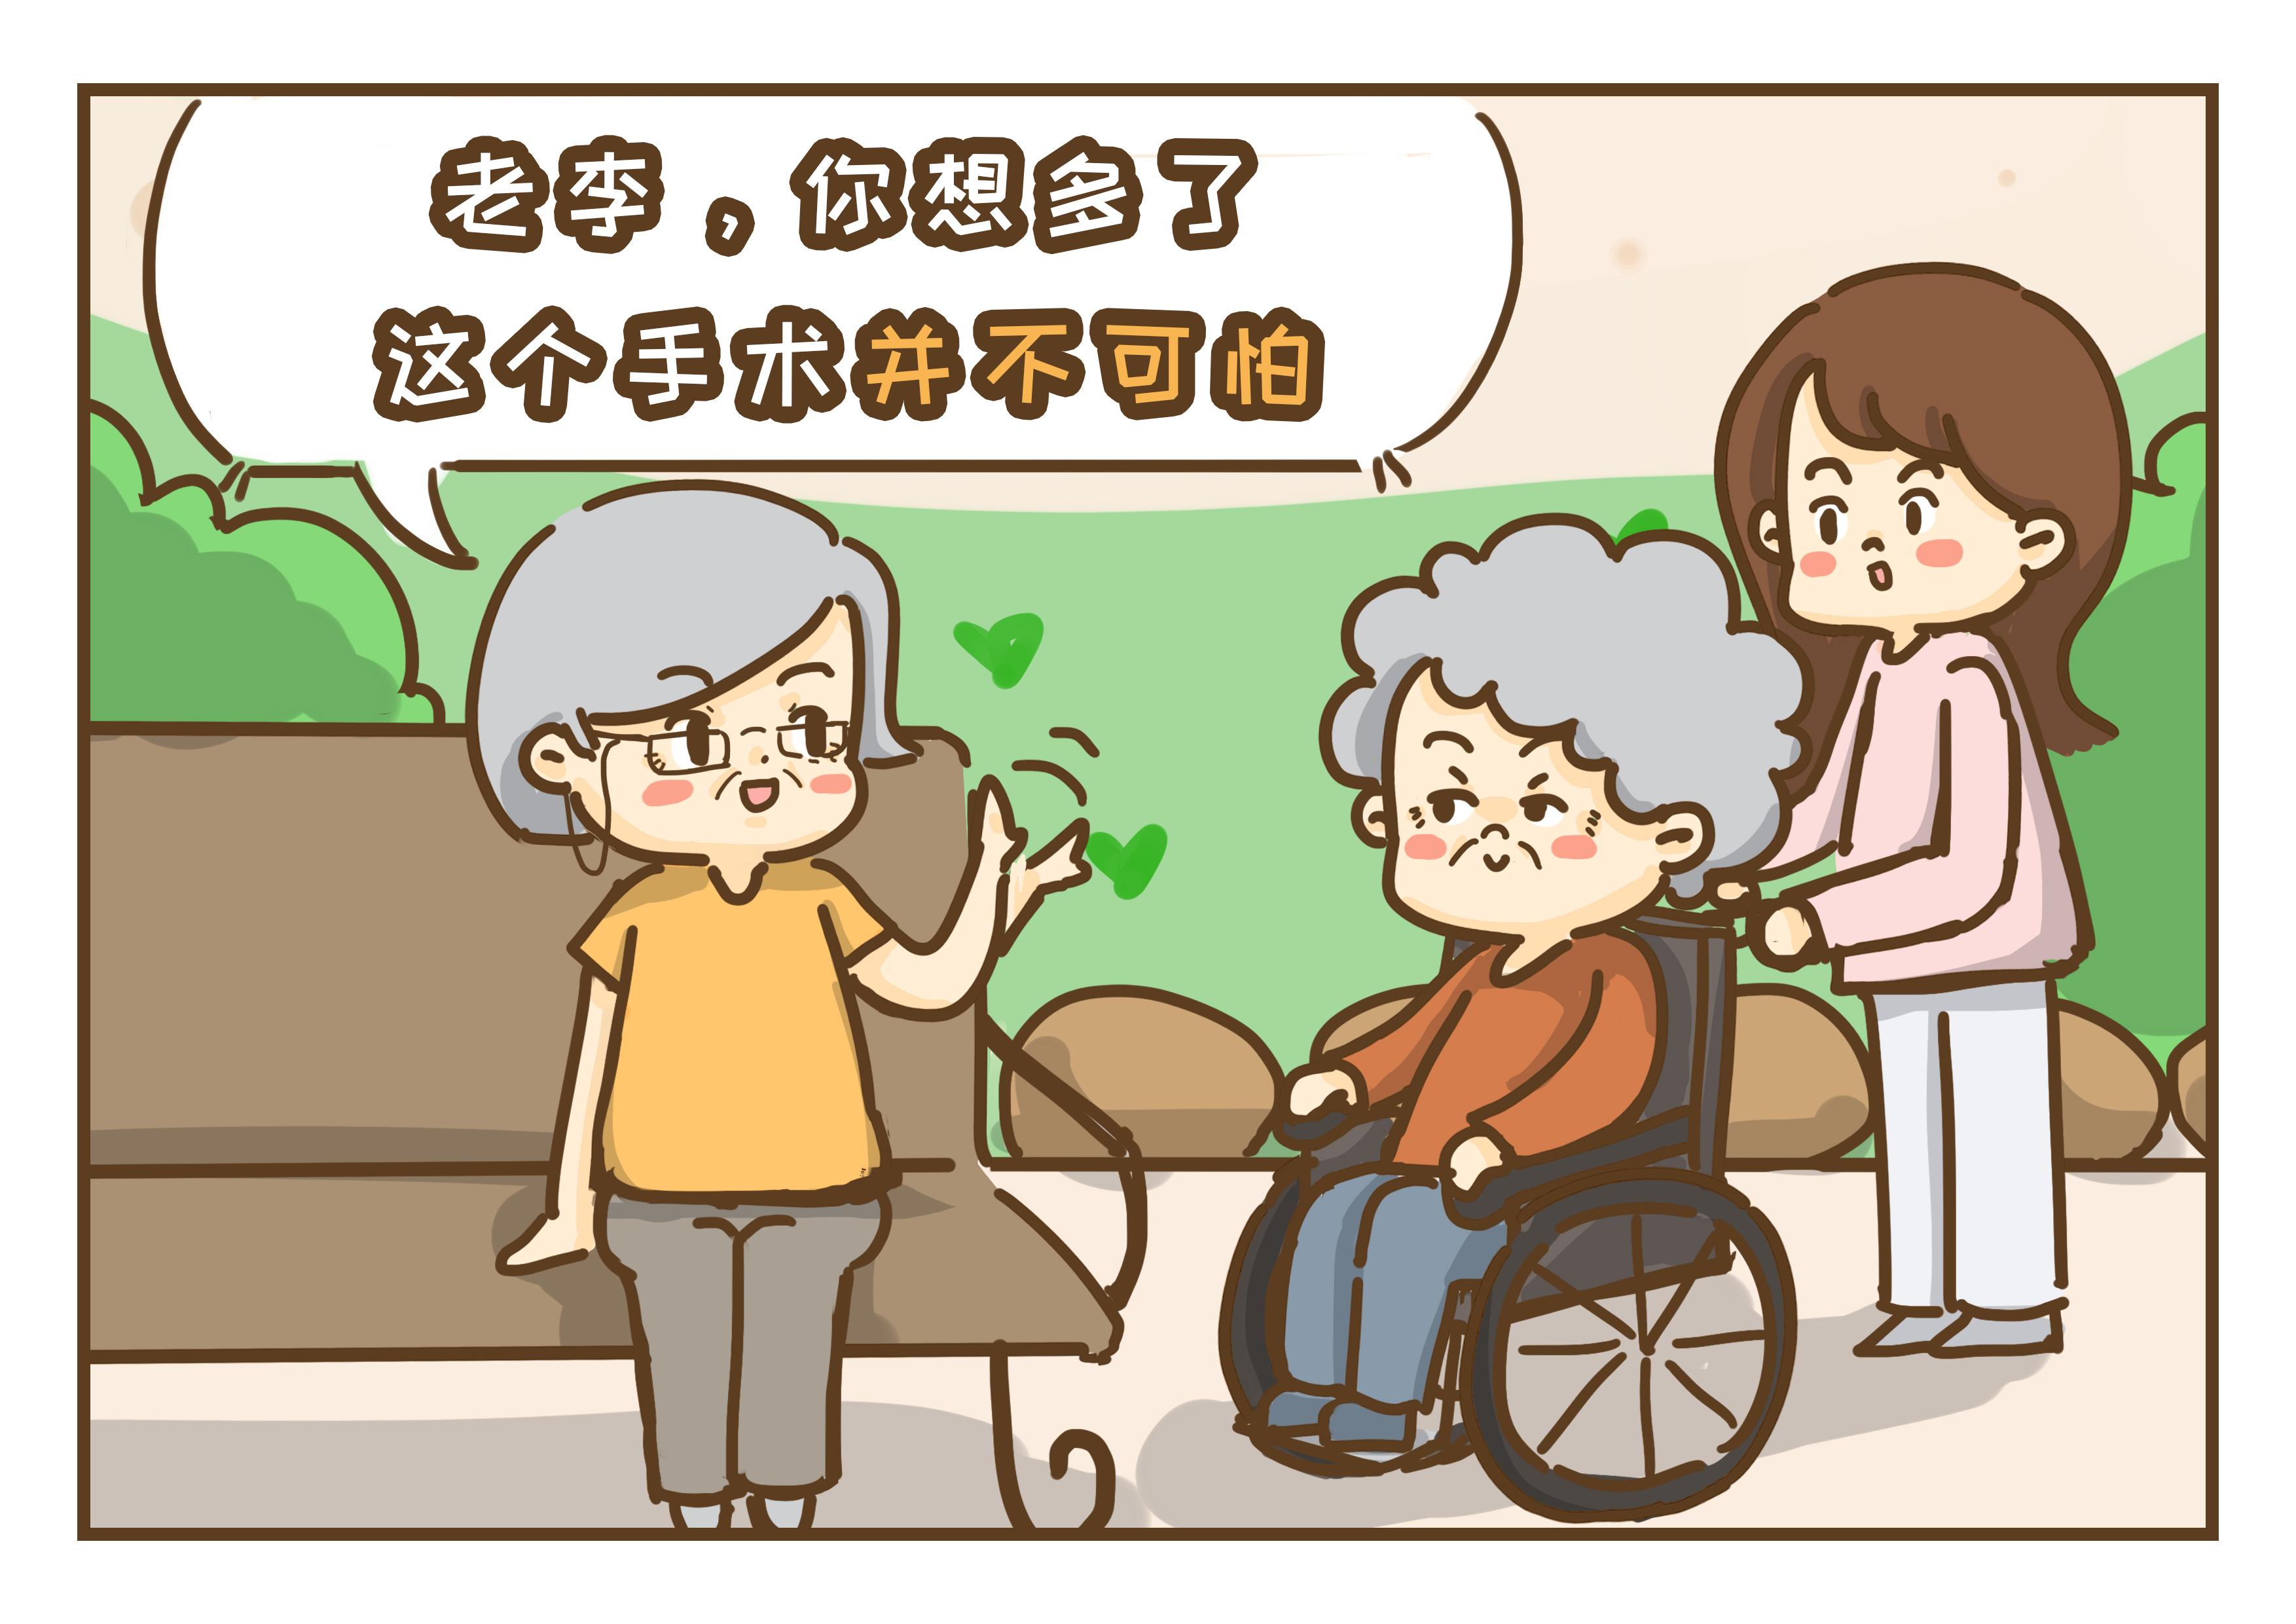 同为股骨颈骨折,为何一人需坐轮椅,一人却若无其事?